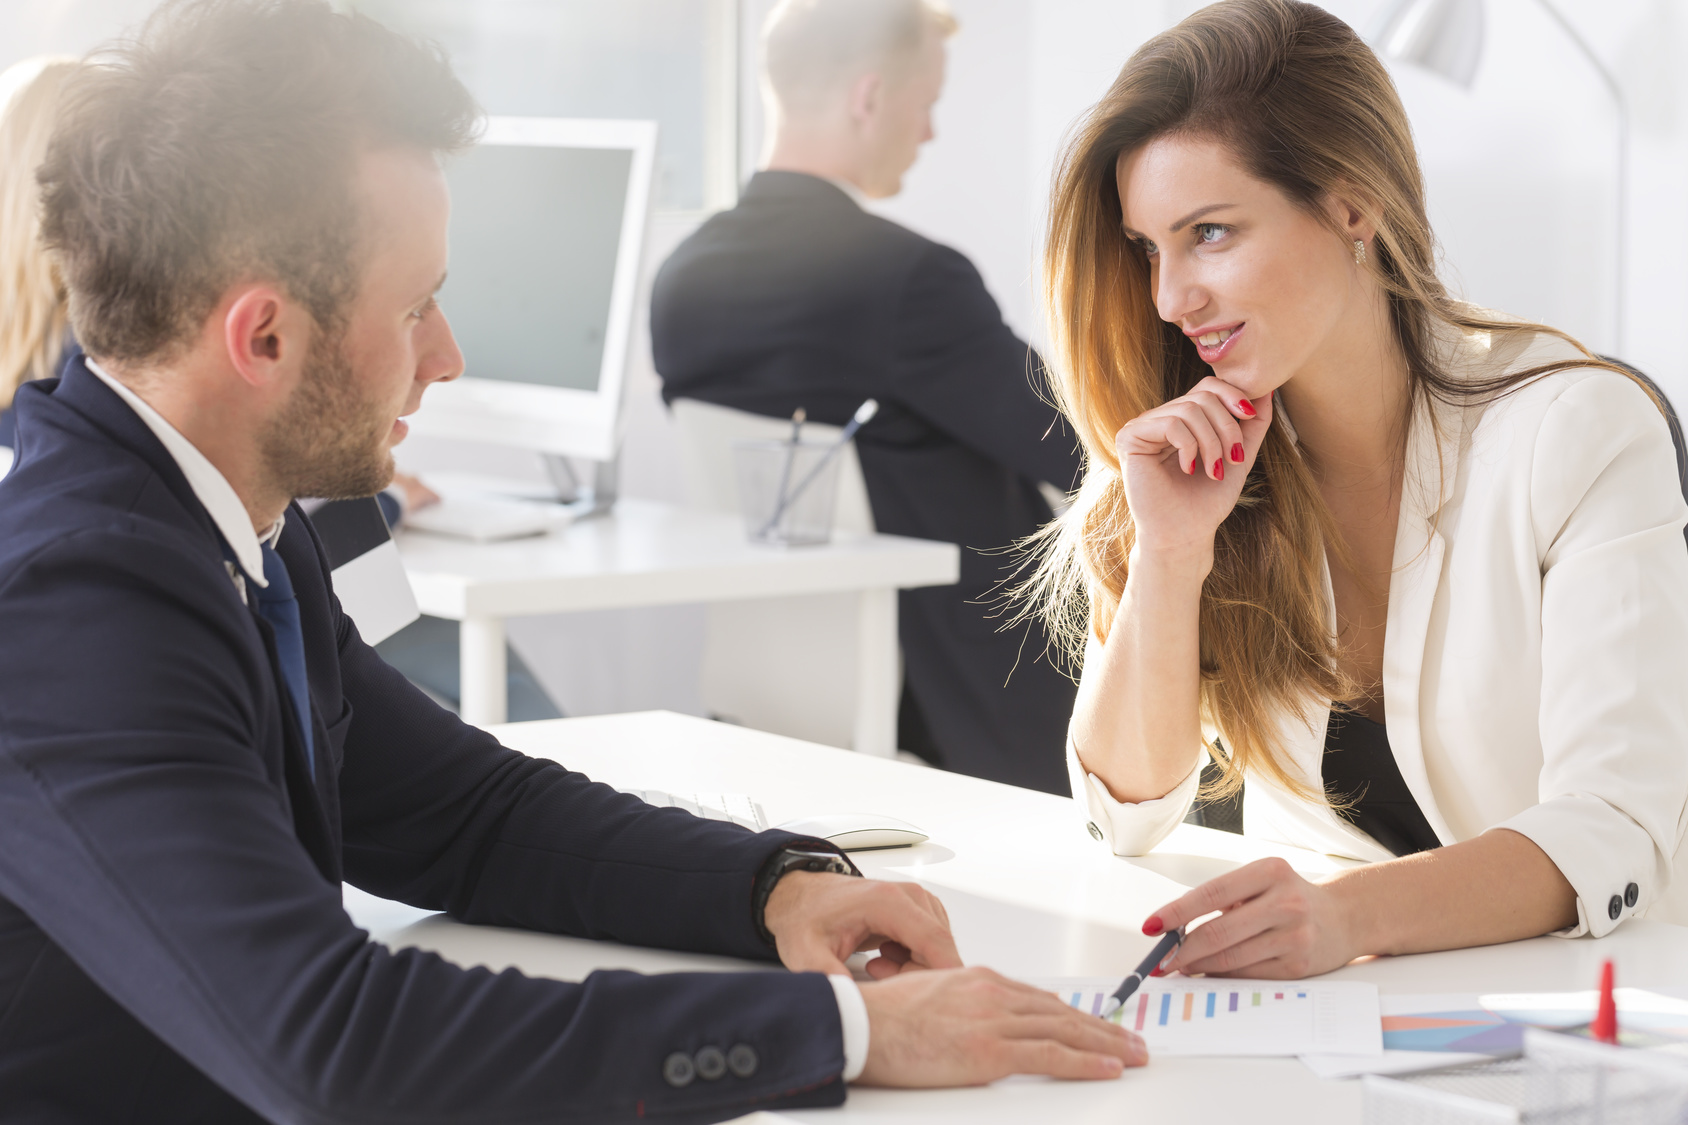 L'amour au bureau si on en parlait ?